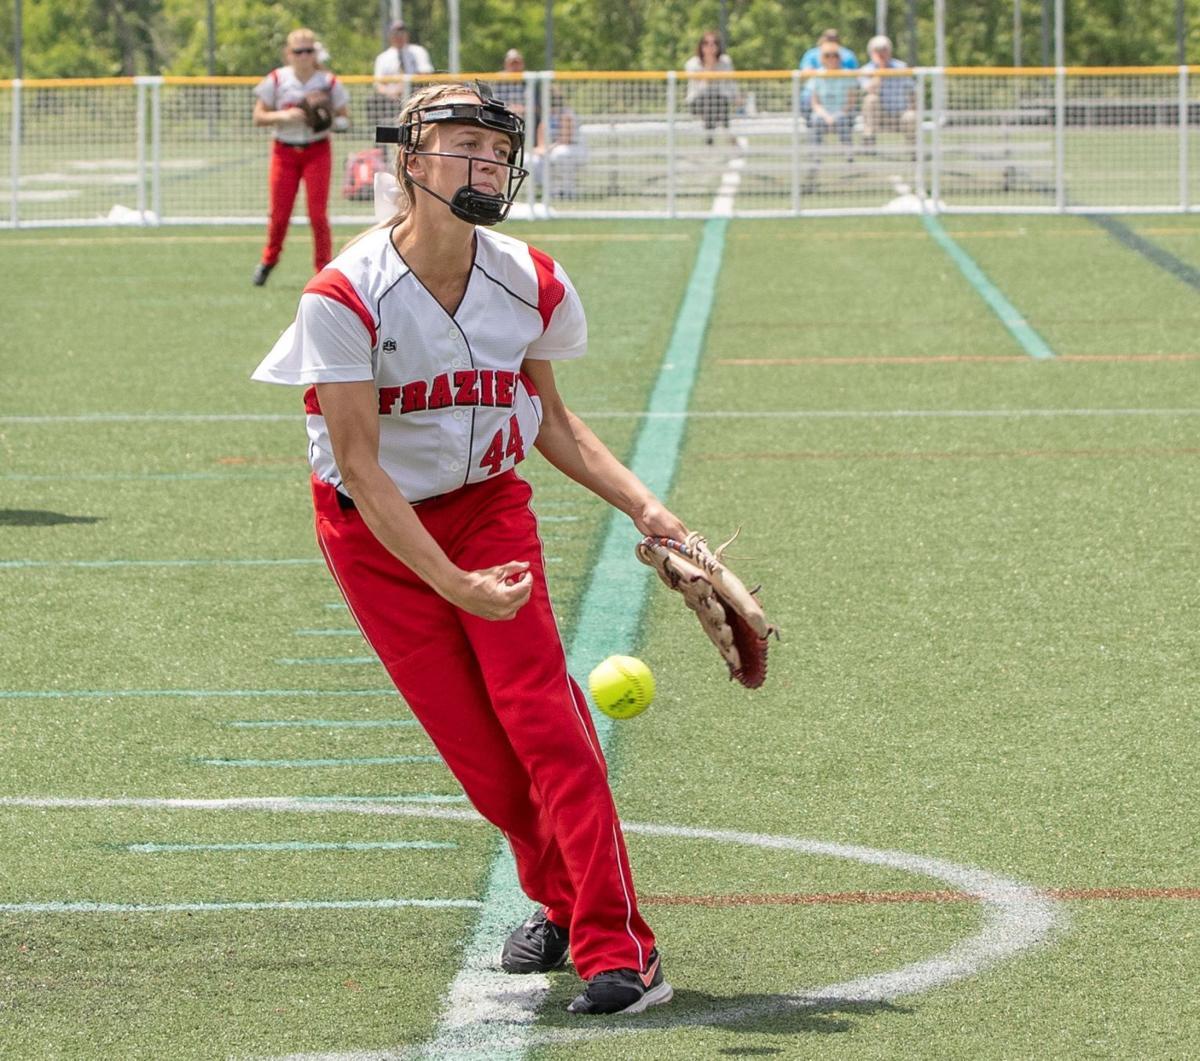 Hartman fires a pitch